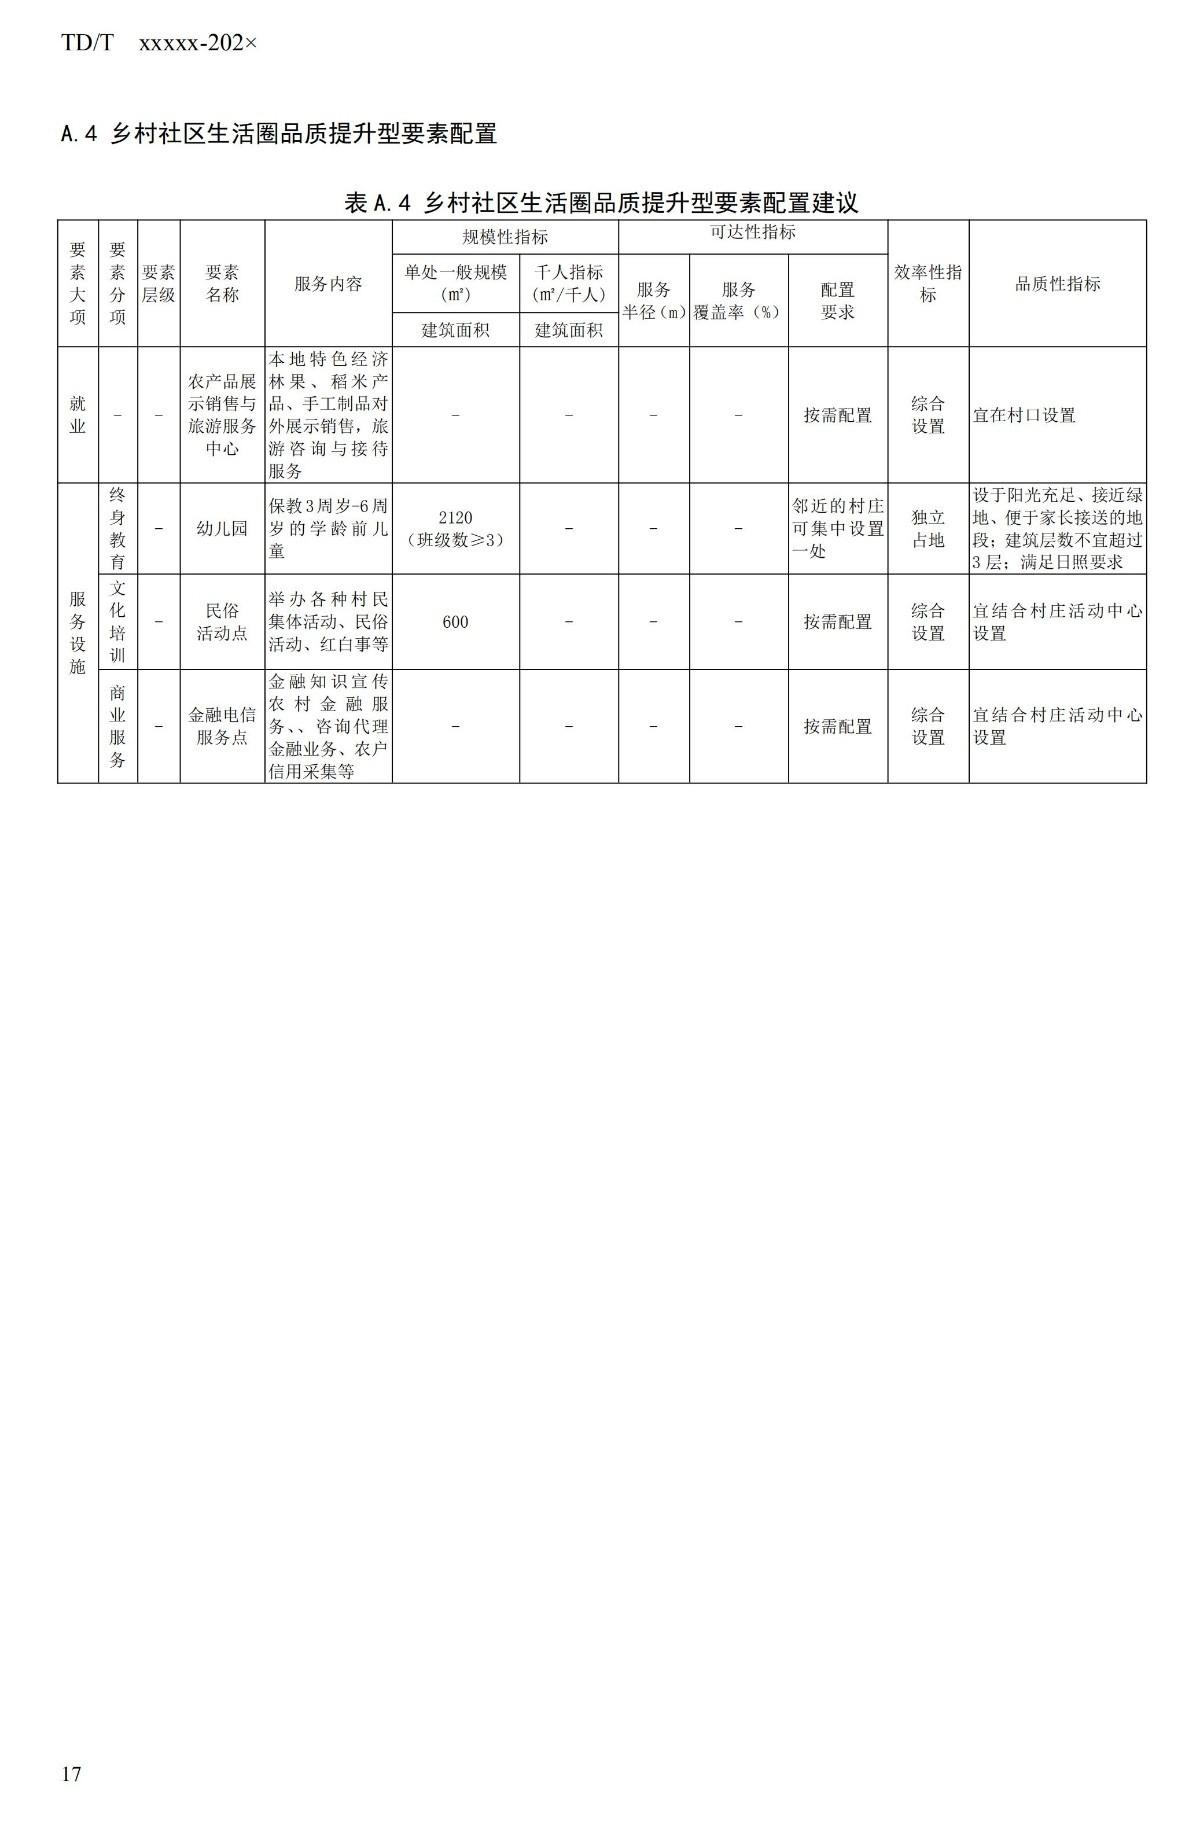 20_WD_240432_社区生活圈规划技术指南_22.jpg